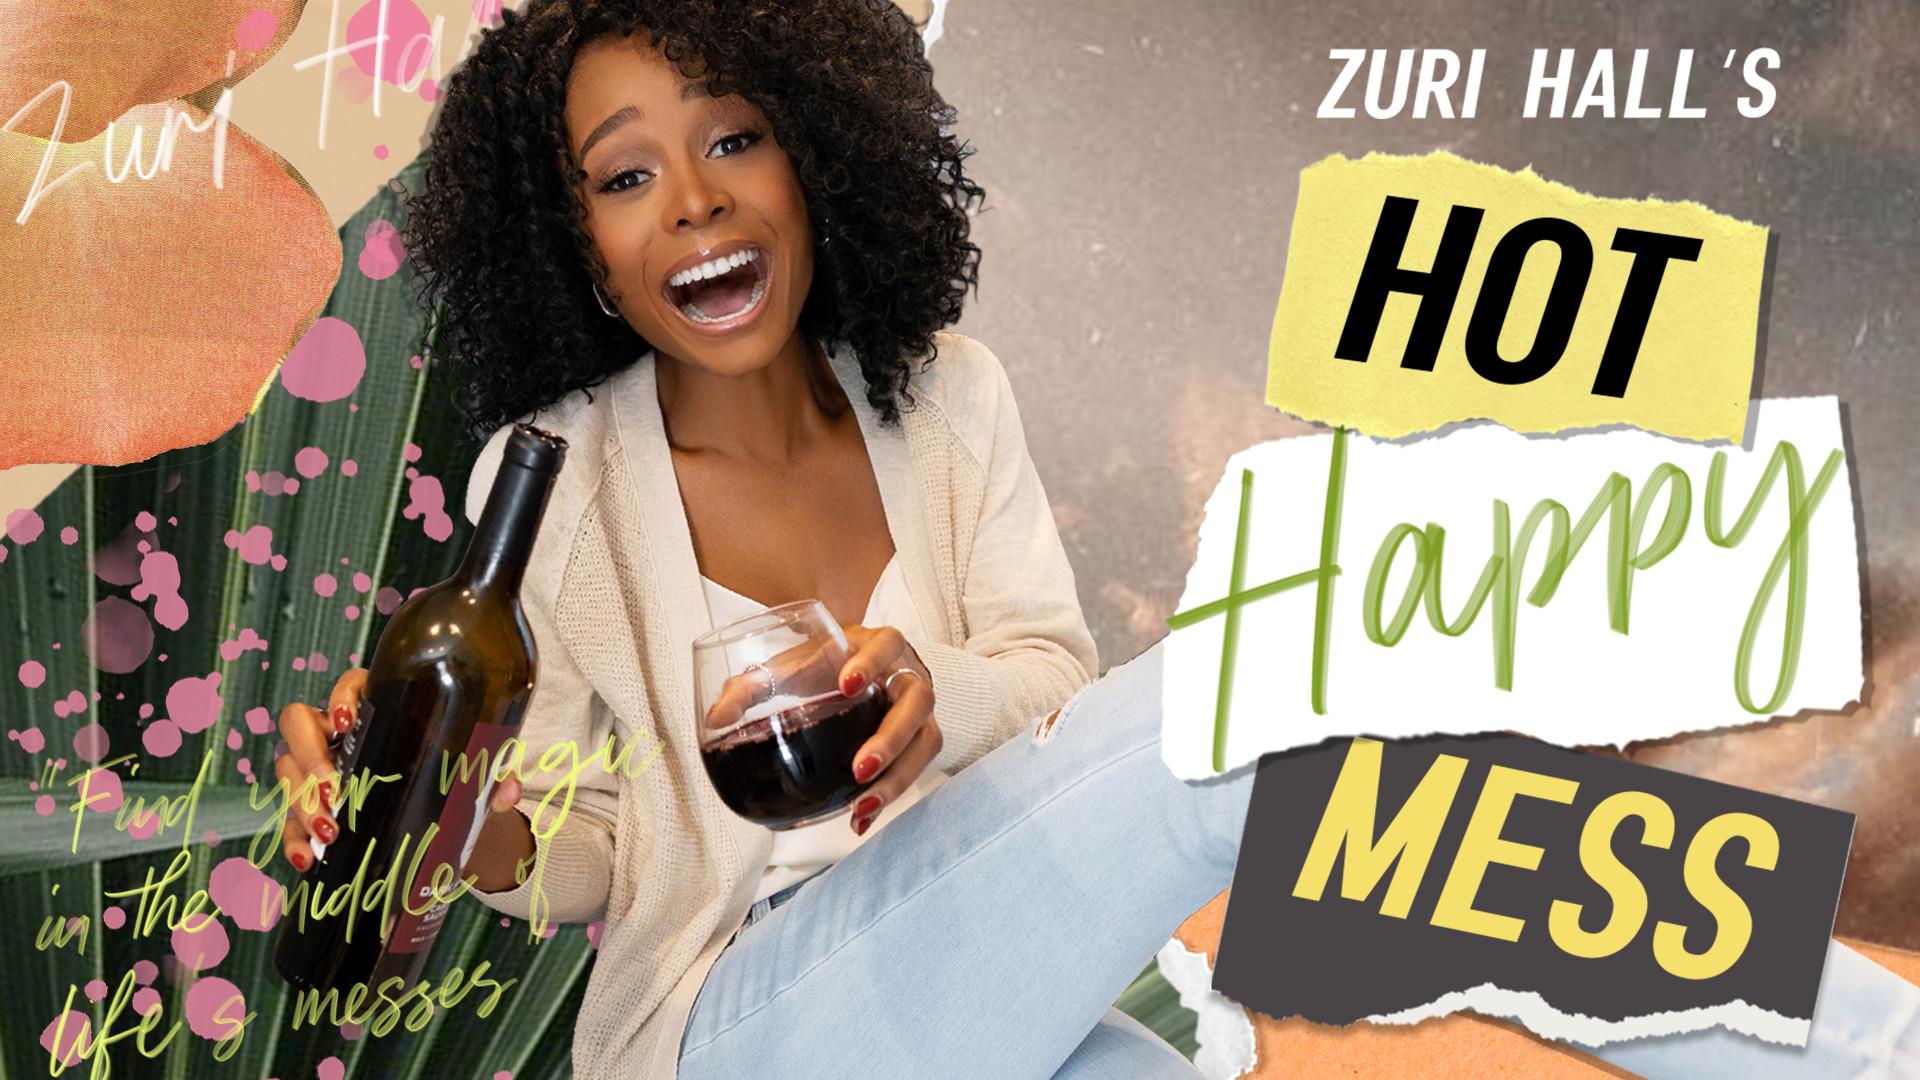 Zuri Hall